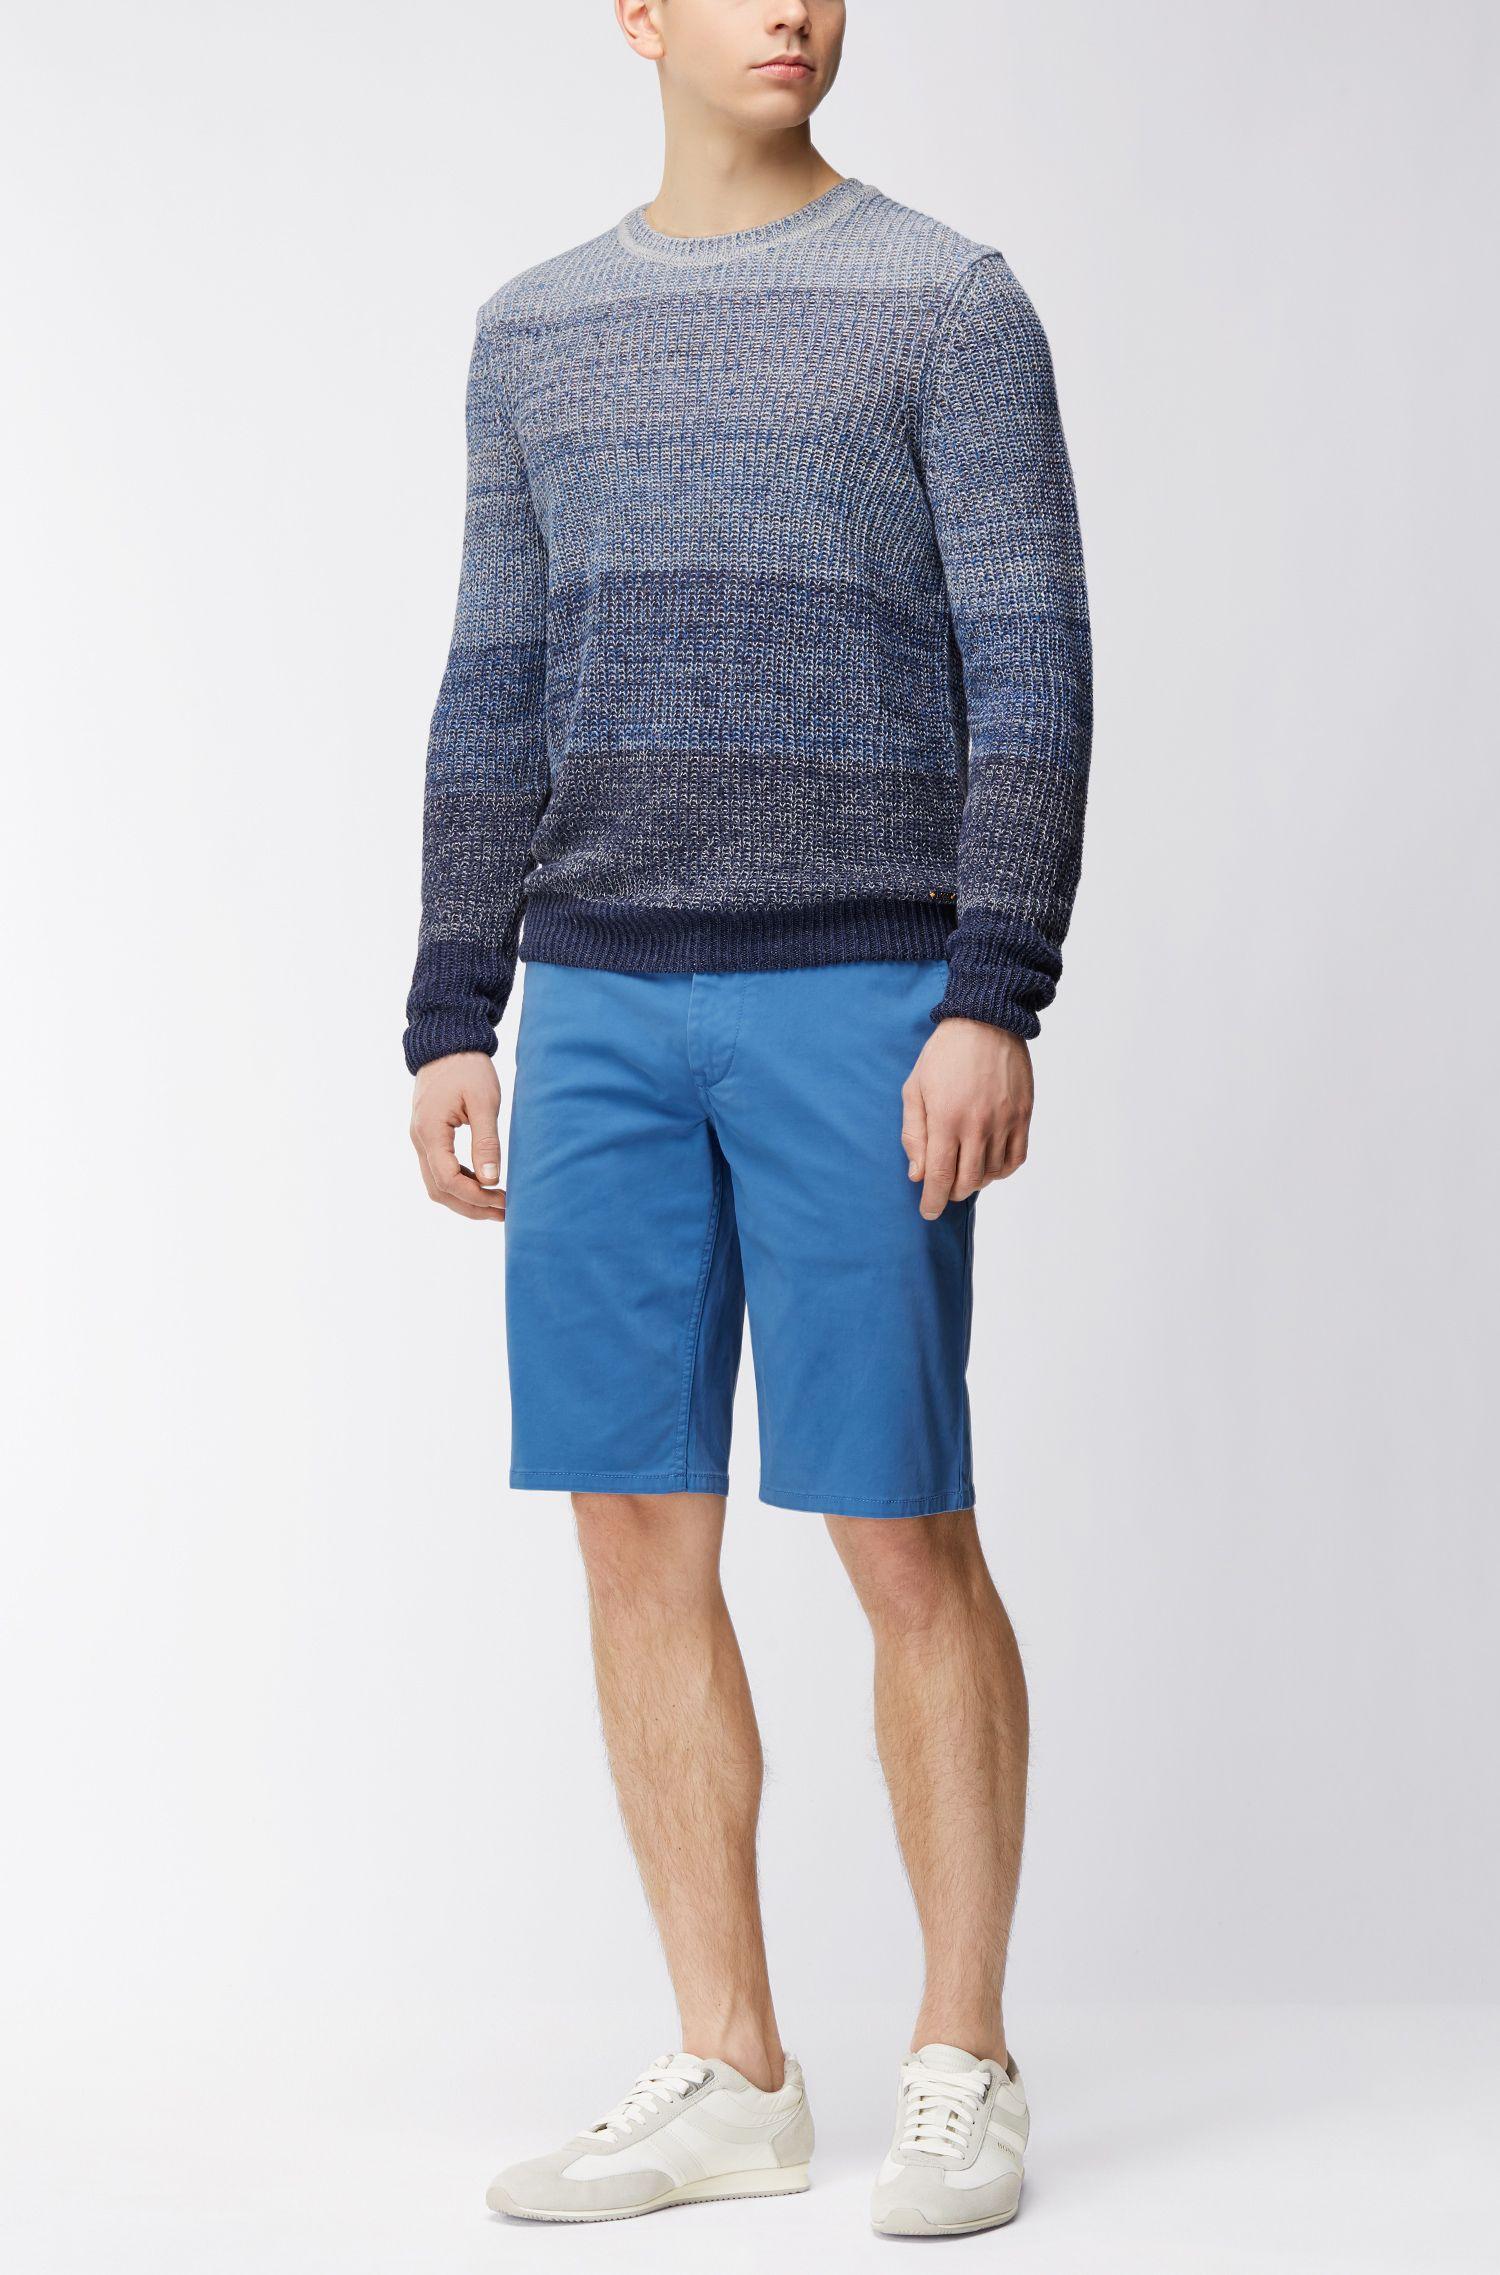 Pullover aus Leinen-Mix mit Baumwolle mit Perlfang-Struktur